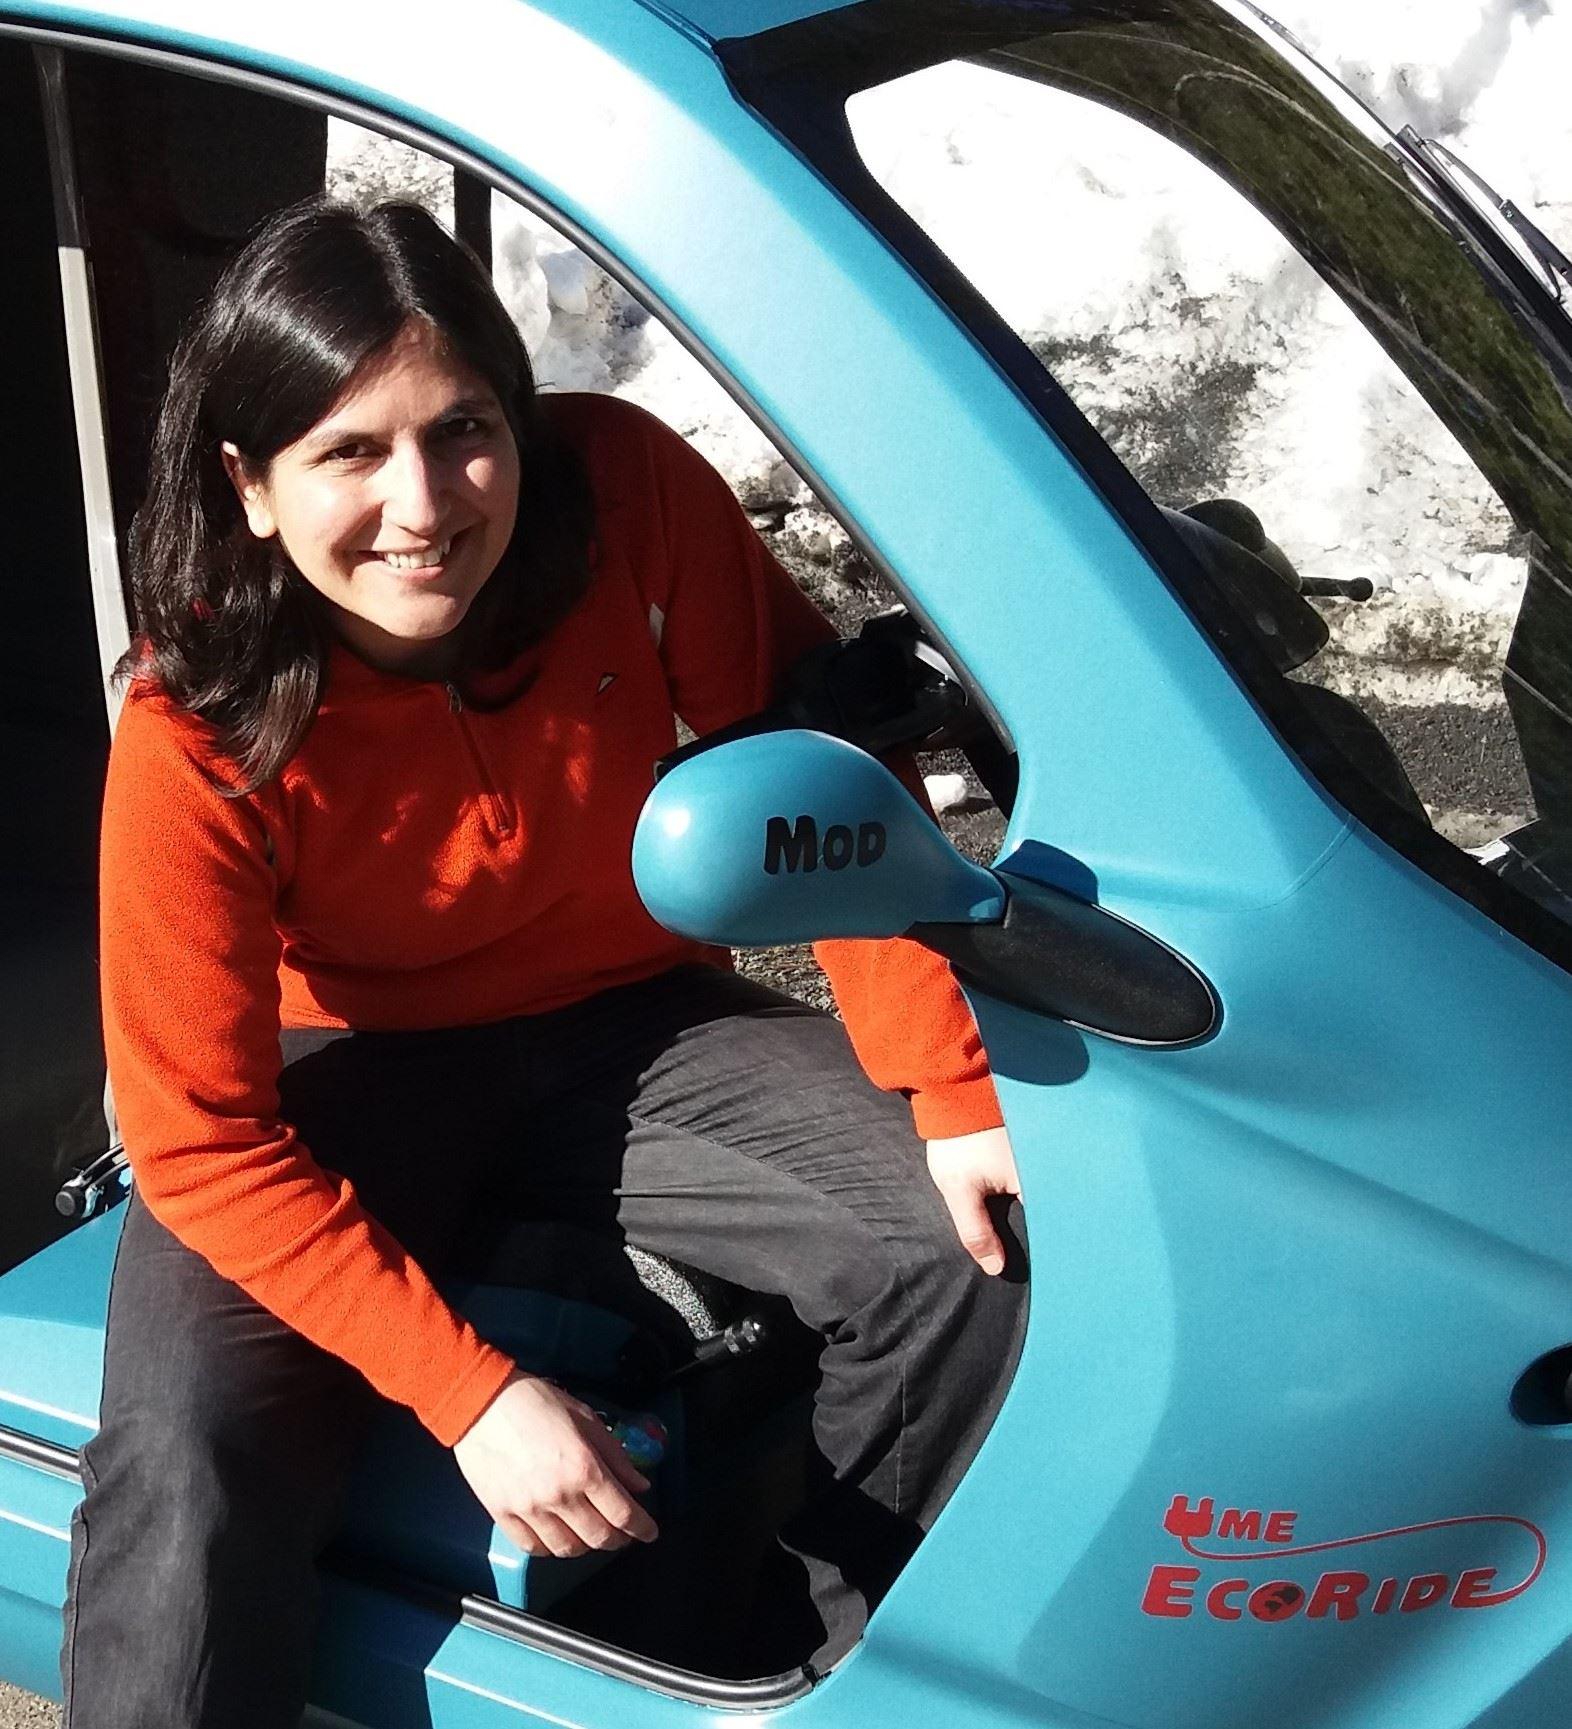 UmeEcoRide - åk trehjulig elmoped i hållbarhetens tecken